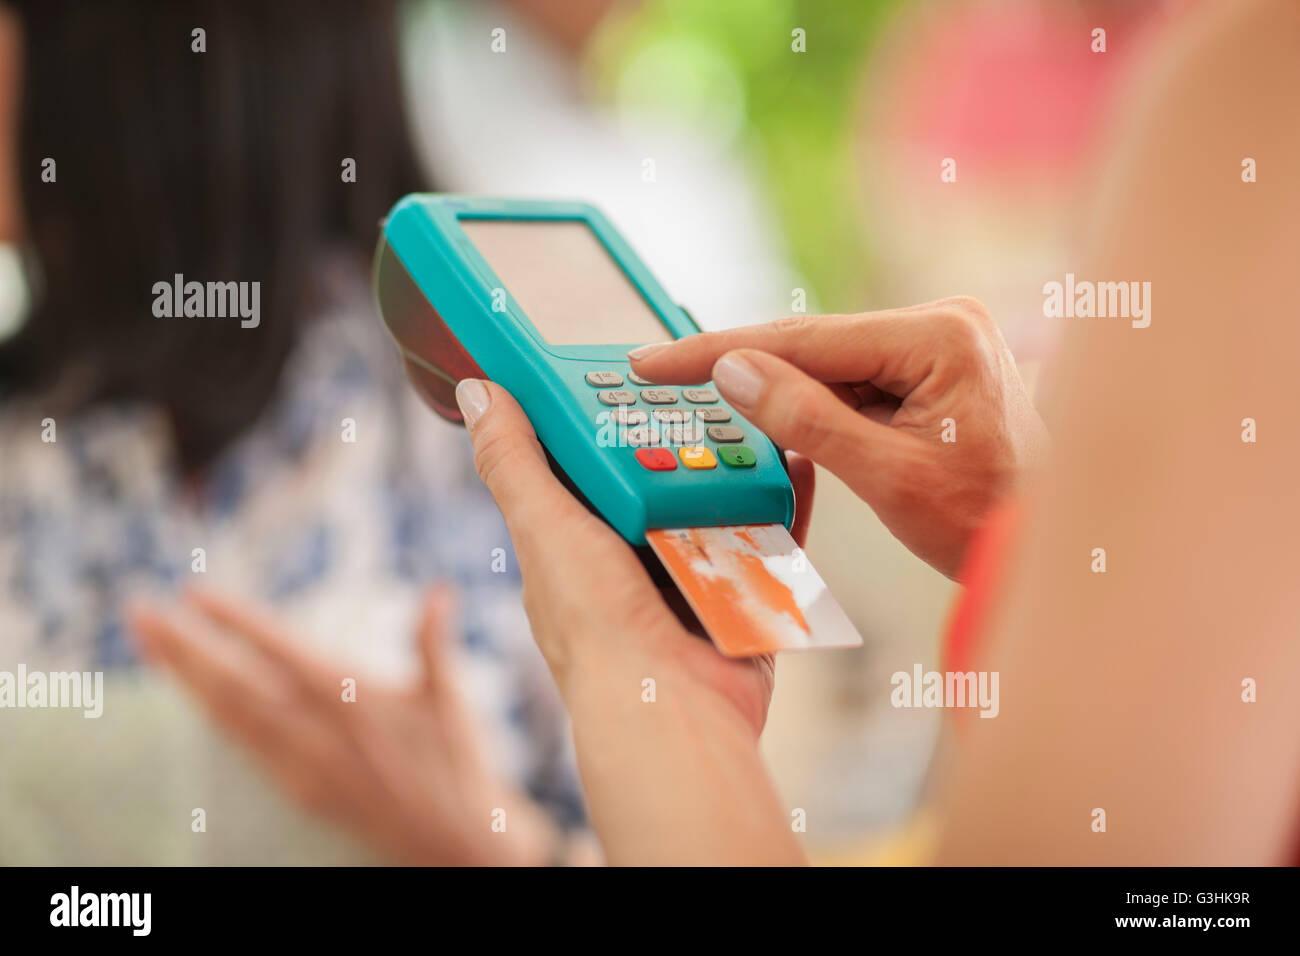 uk cheap sale many styles great fit Transitkarte Stockfotos & Transitkarte Bilder - Alamy